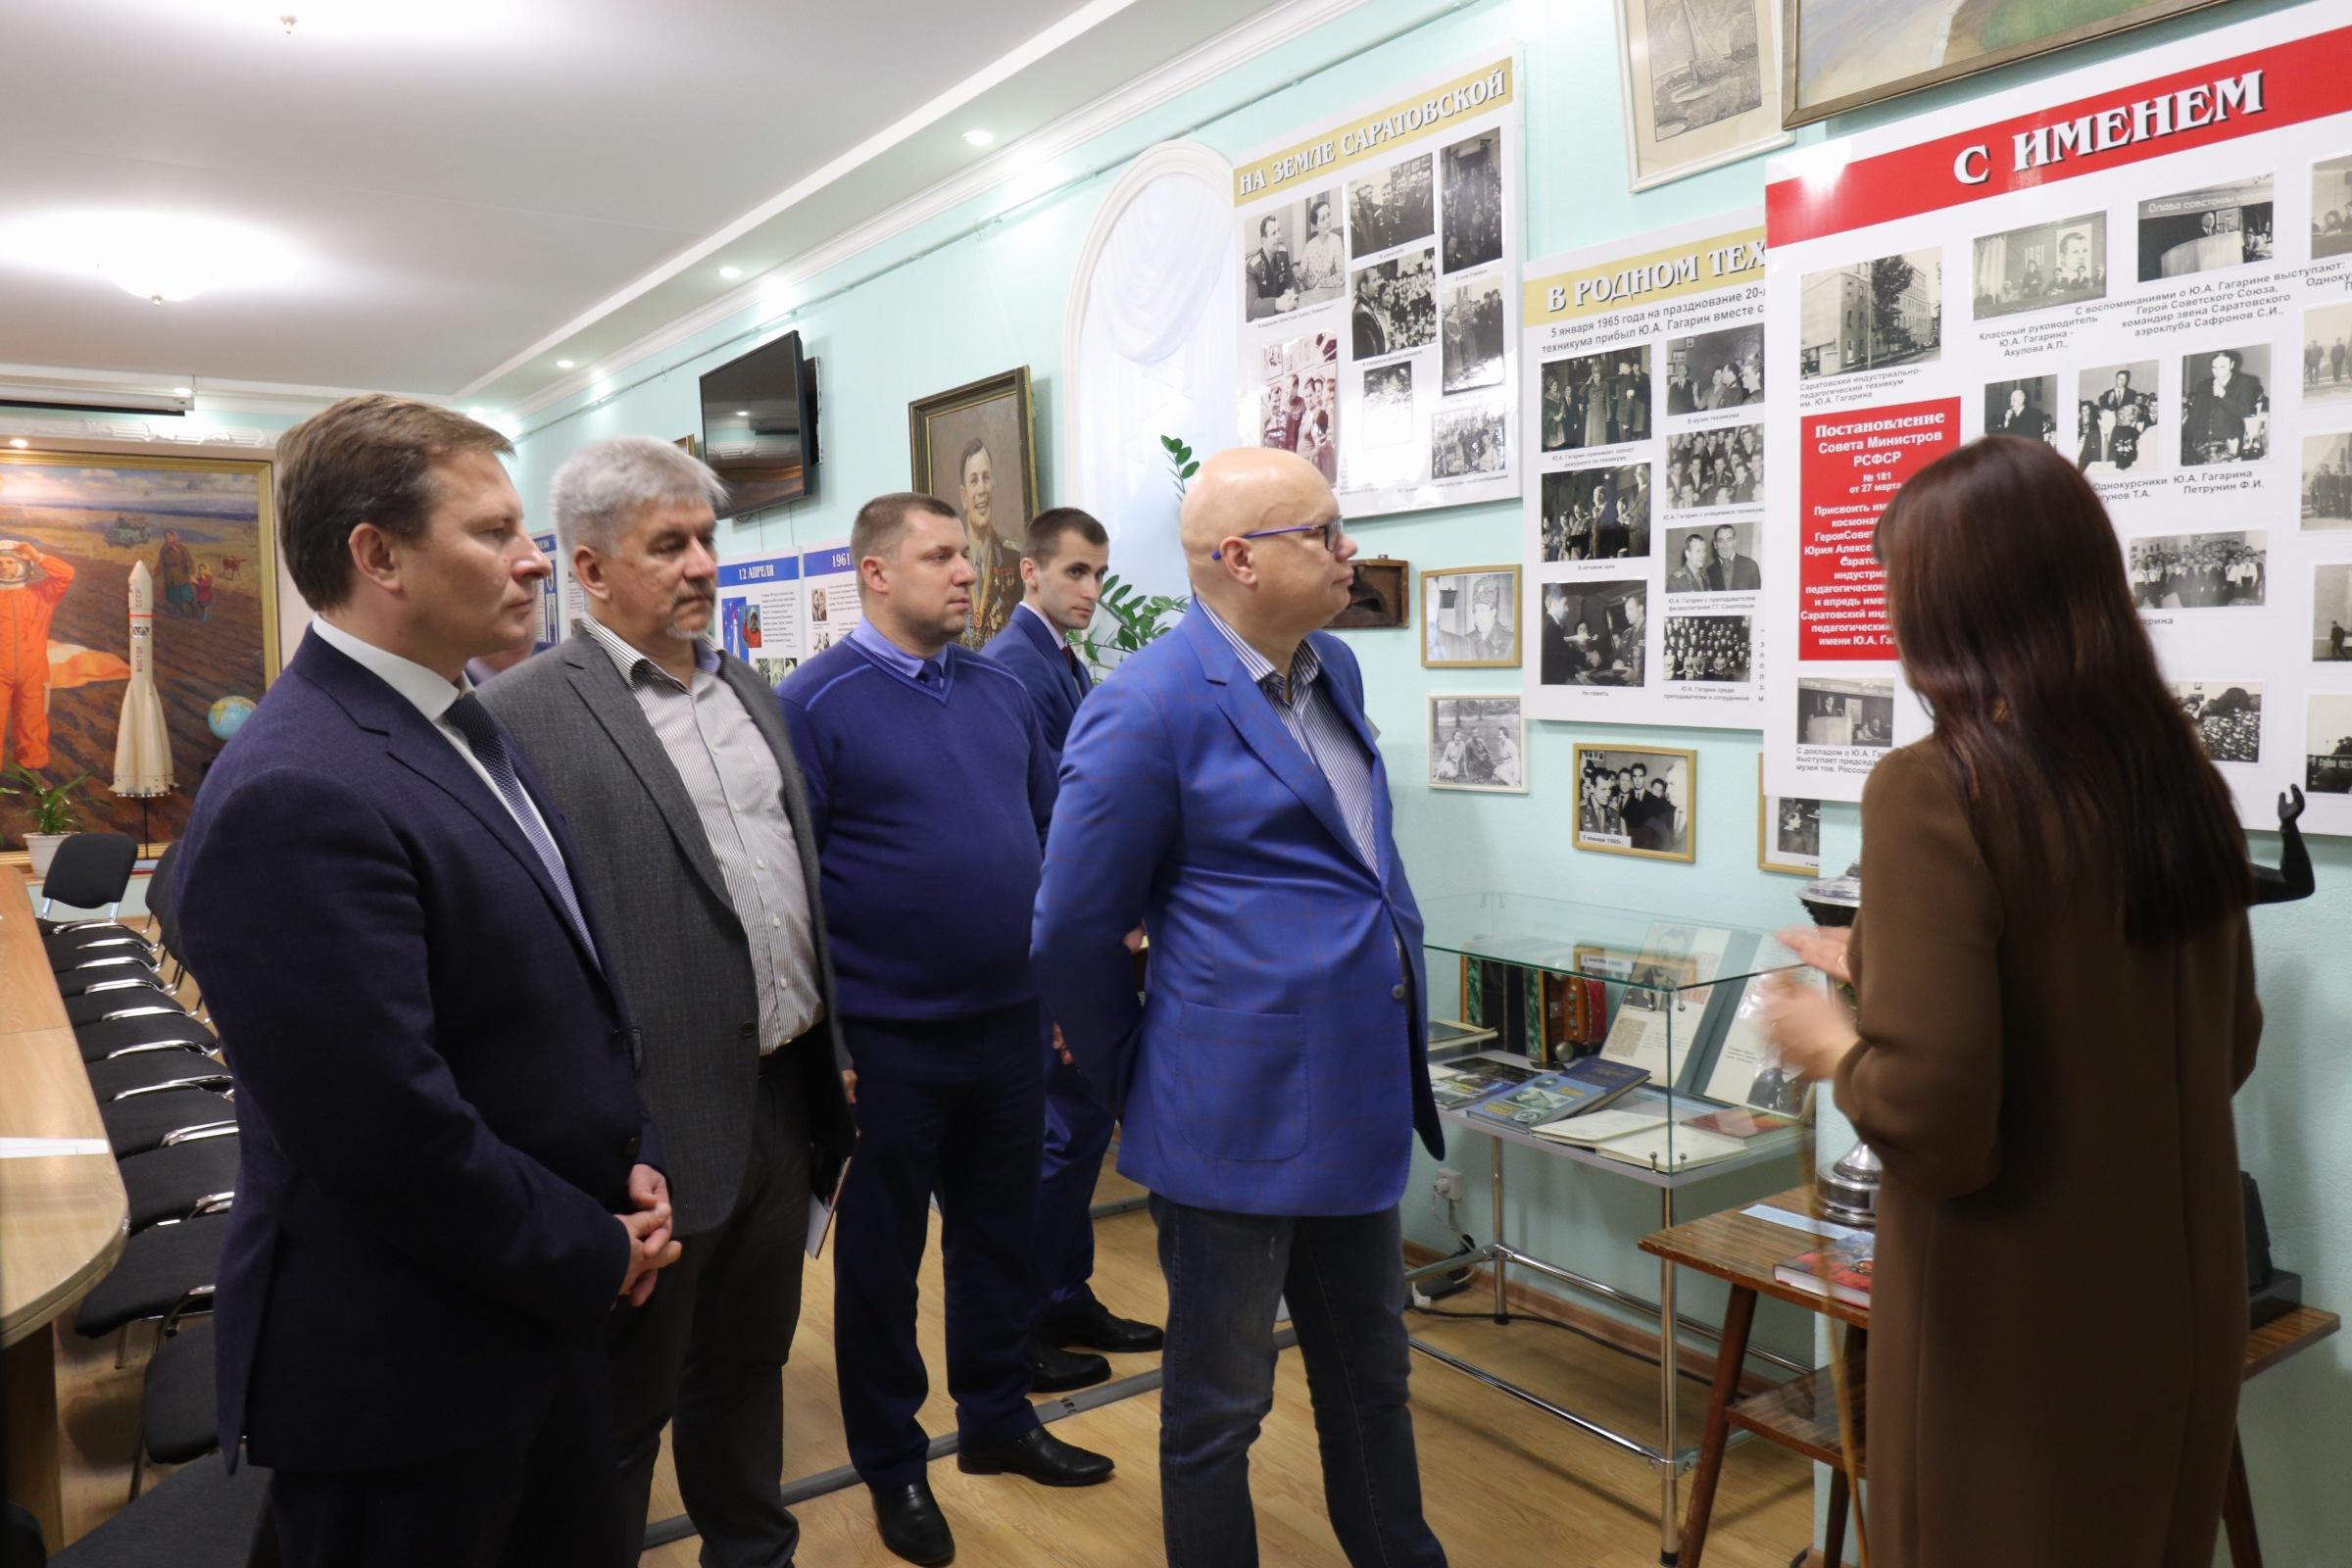 Заместитель министра финансов РФ посетил Народный музей Ю.А. Гагарина